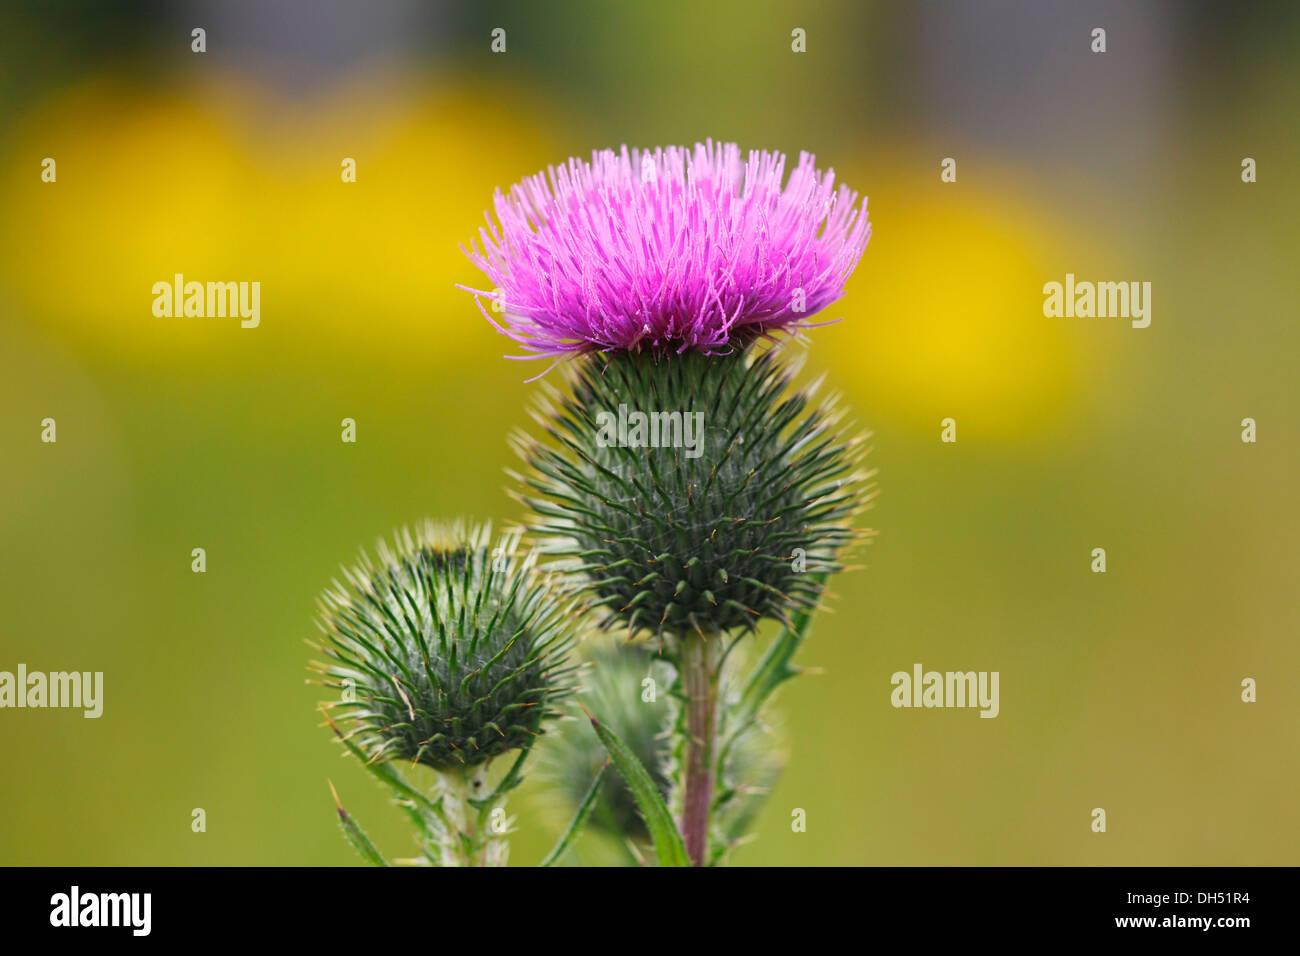 Flowering Spear Thistle (Cirsium vulgare, Cirsium lanceolatum) - Stock Image